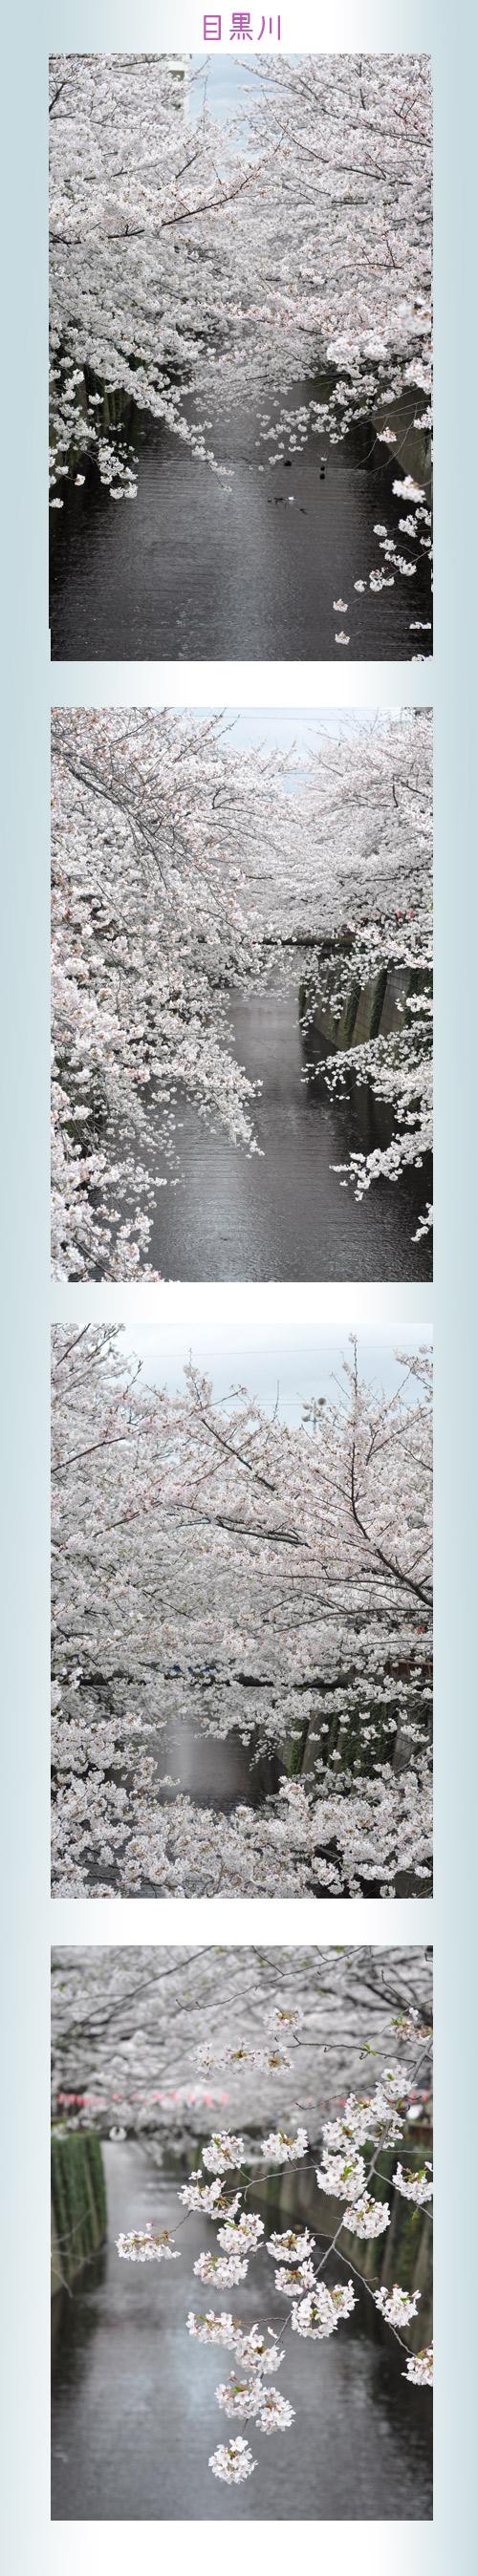 4月2日目黒川1